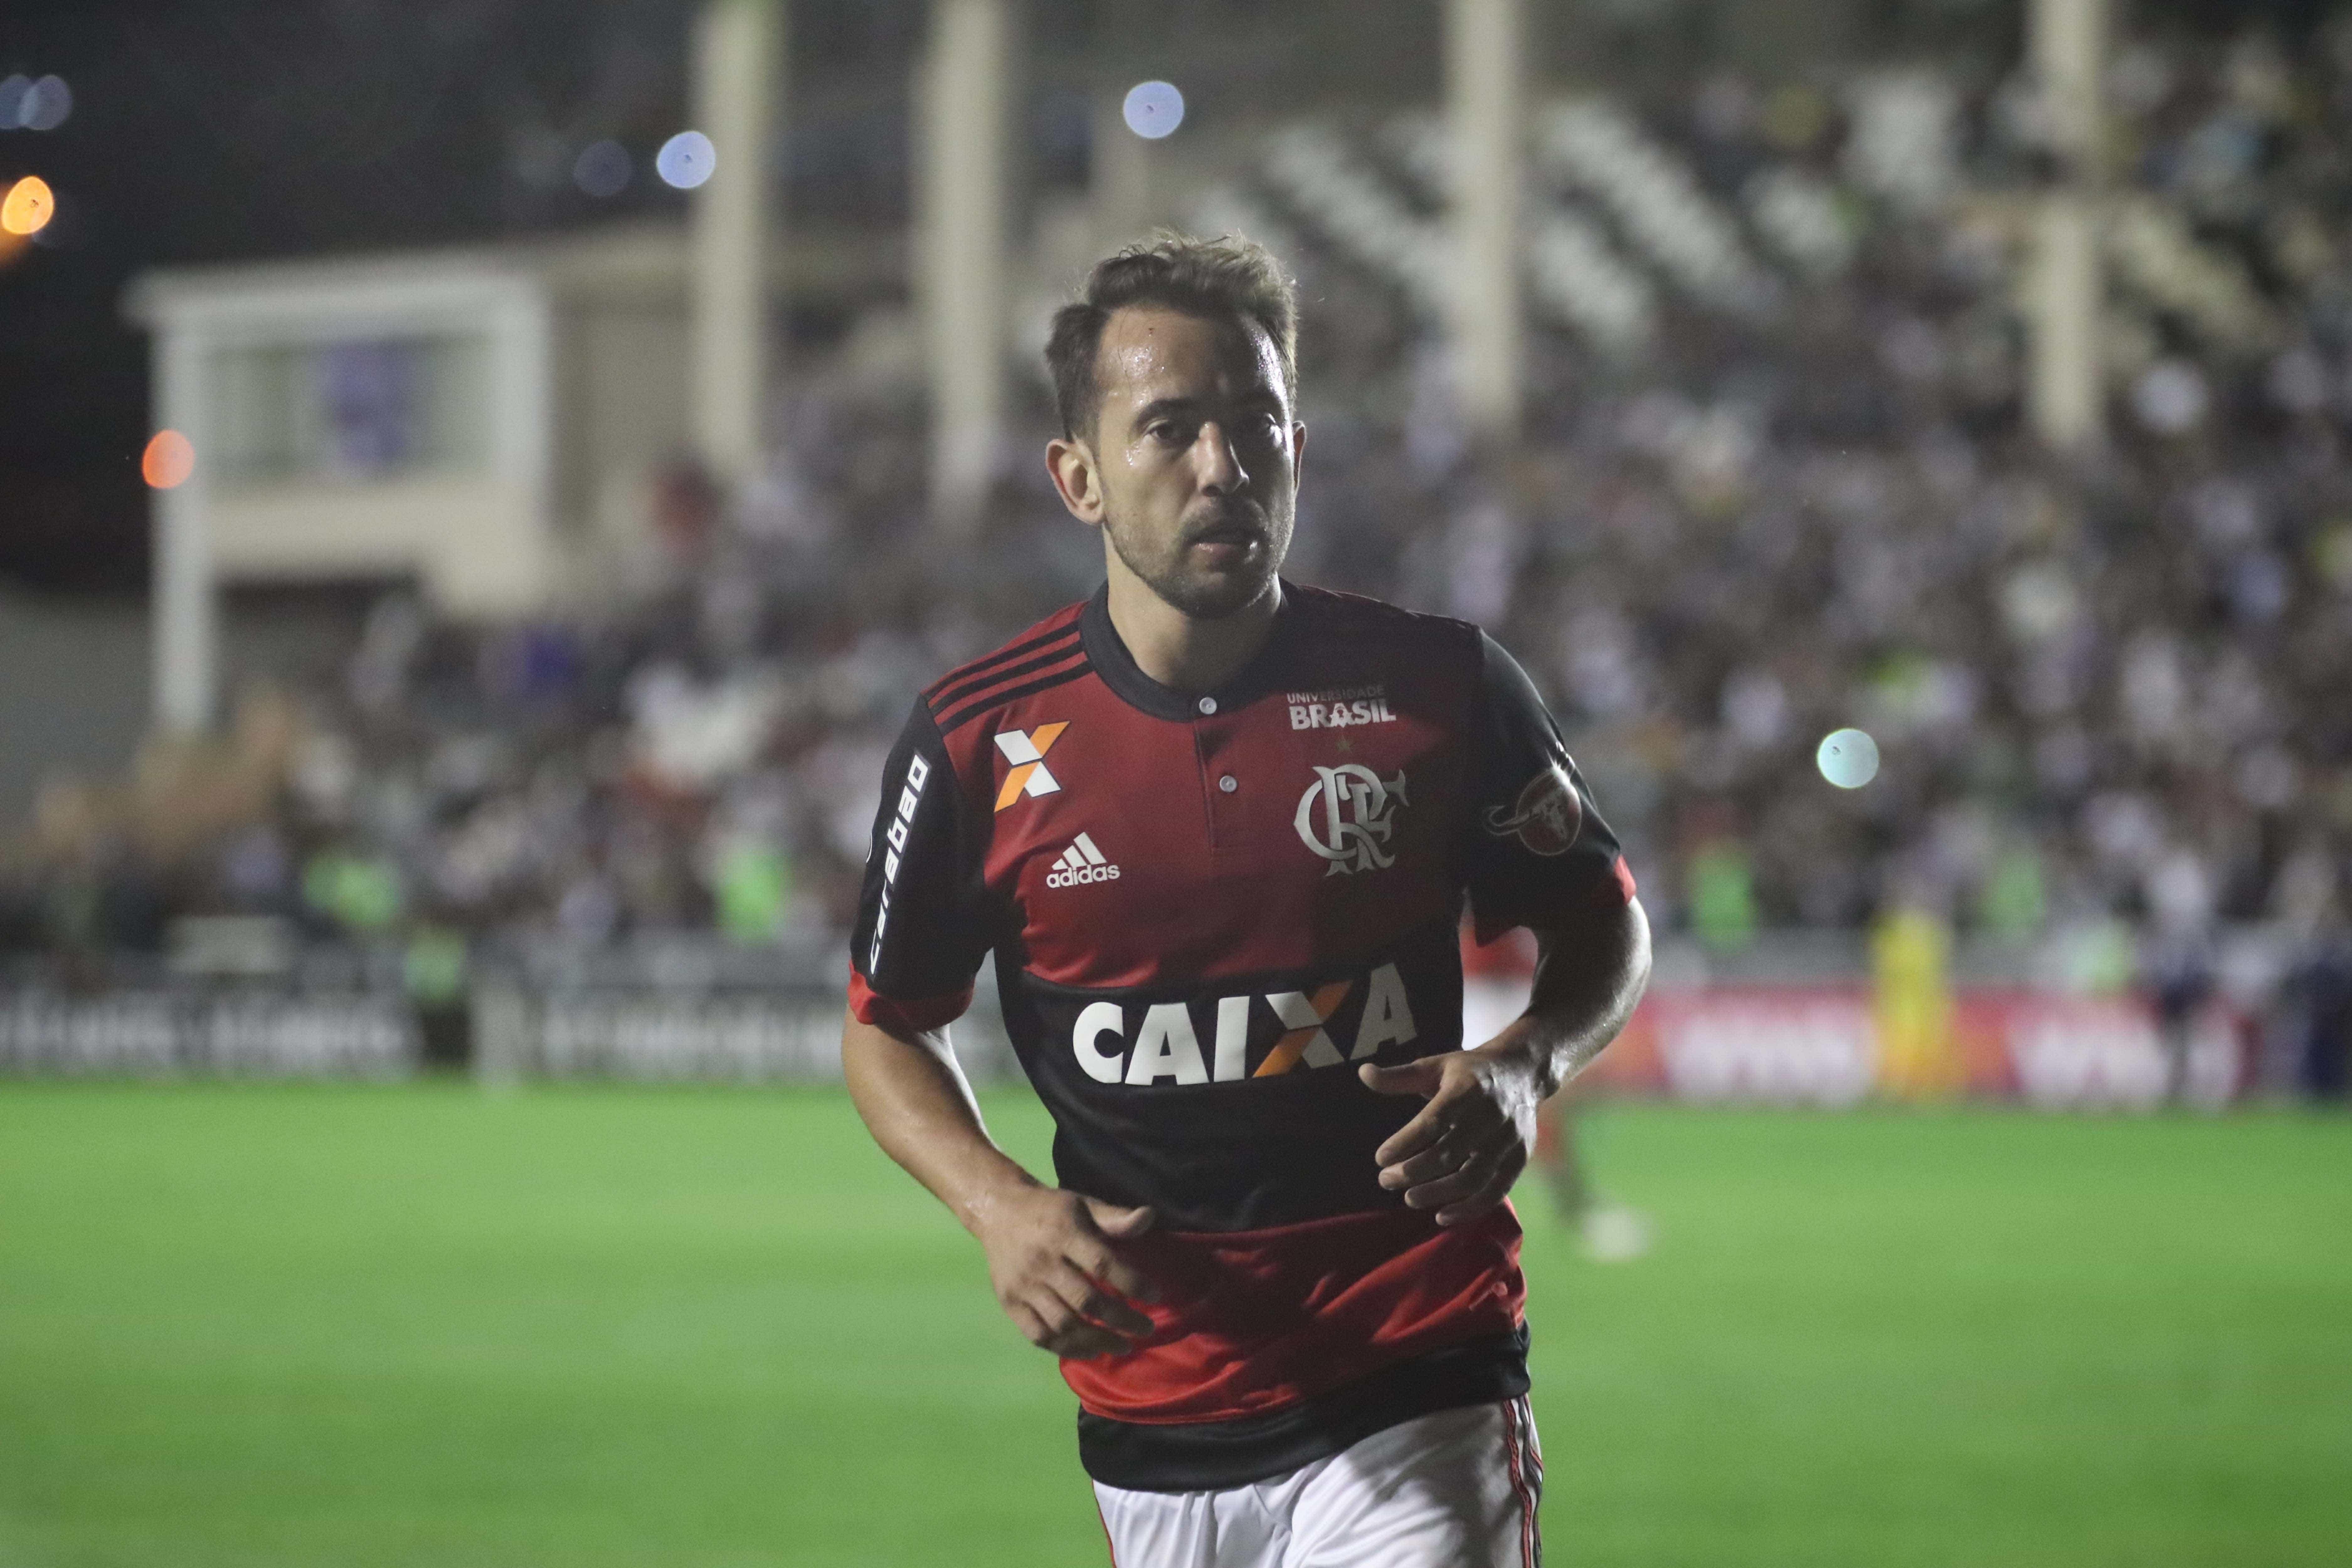 Após queda na Copa do Brasil, elenco do Flamengo mira Brasileirão